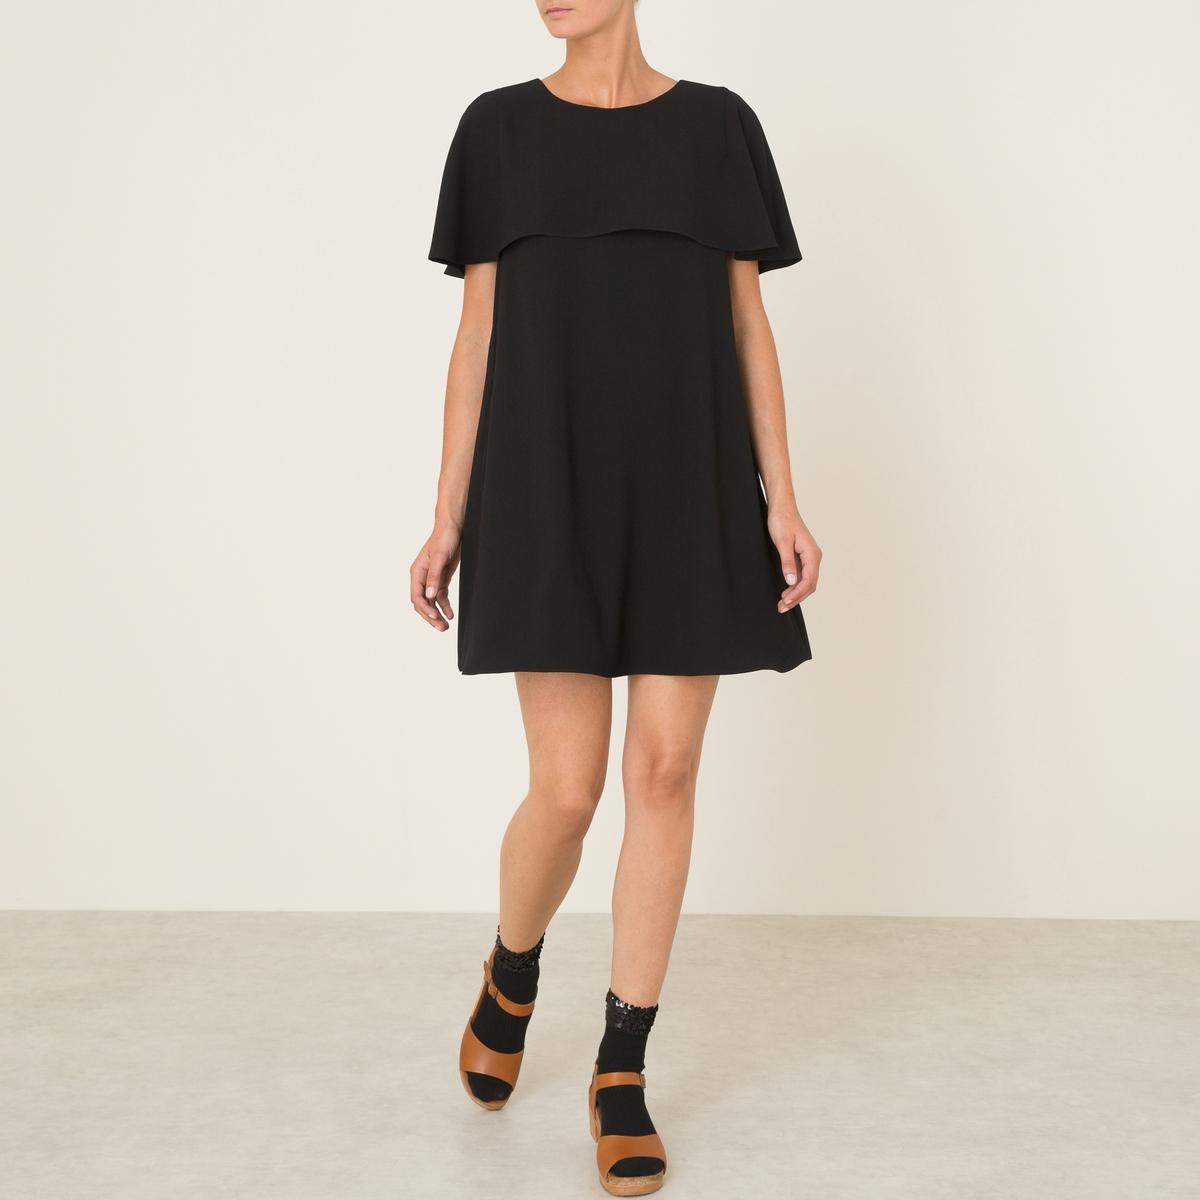 Платье FRIDAКороткое платье ATHE VANESSA BRUNO - модель FRIDA, из струящейся ткани. Слегка трапециевидный покрой. Короткие рукава. Накладка в виде небольшой мантии спереди. Застежка-капелька на пуговицу сзади.Состав и описание :Материал : 100% полиэстерМарка : ATHE VANESSA BRUNO<br><br>Цвет: черный